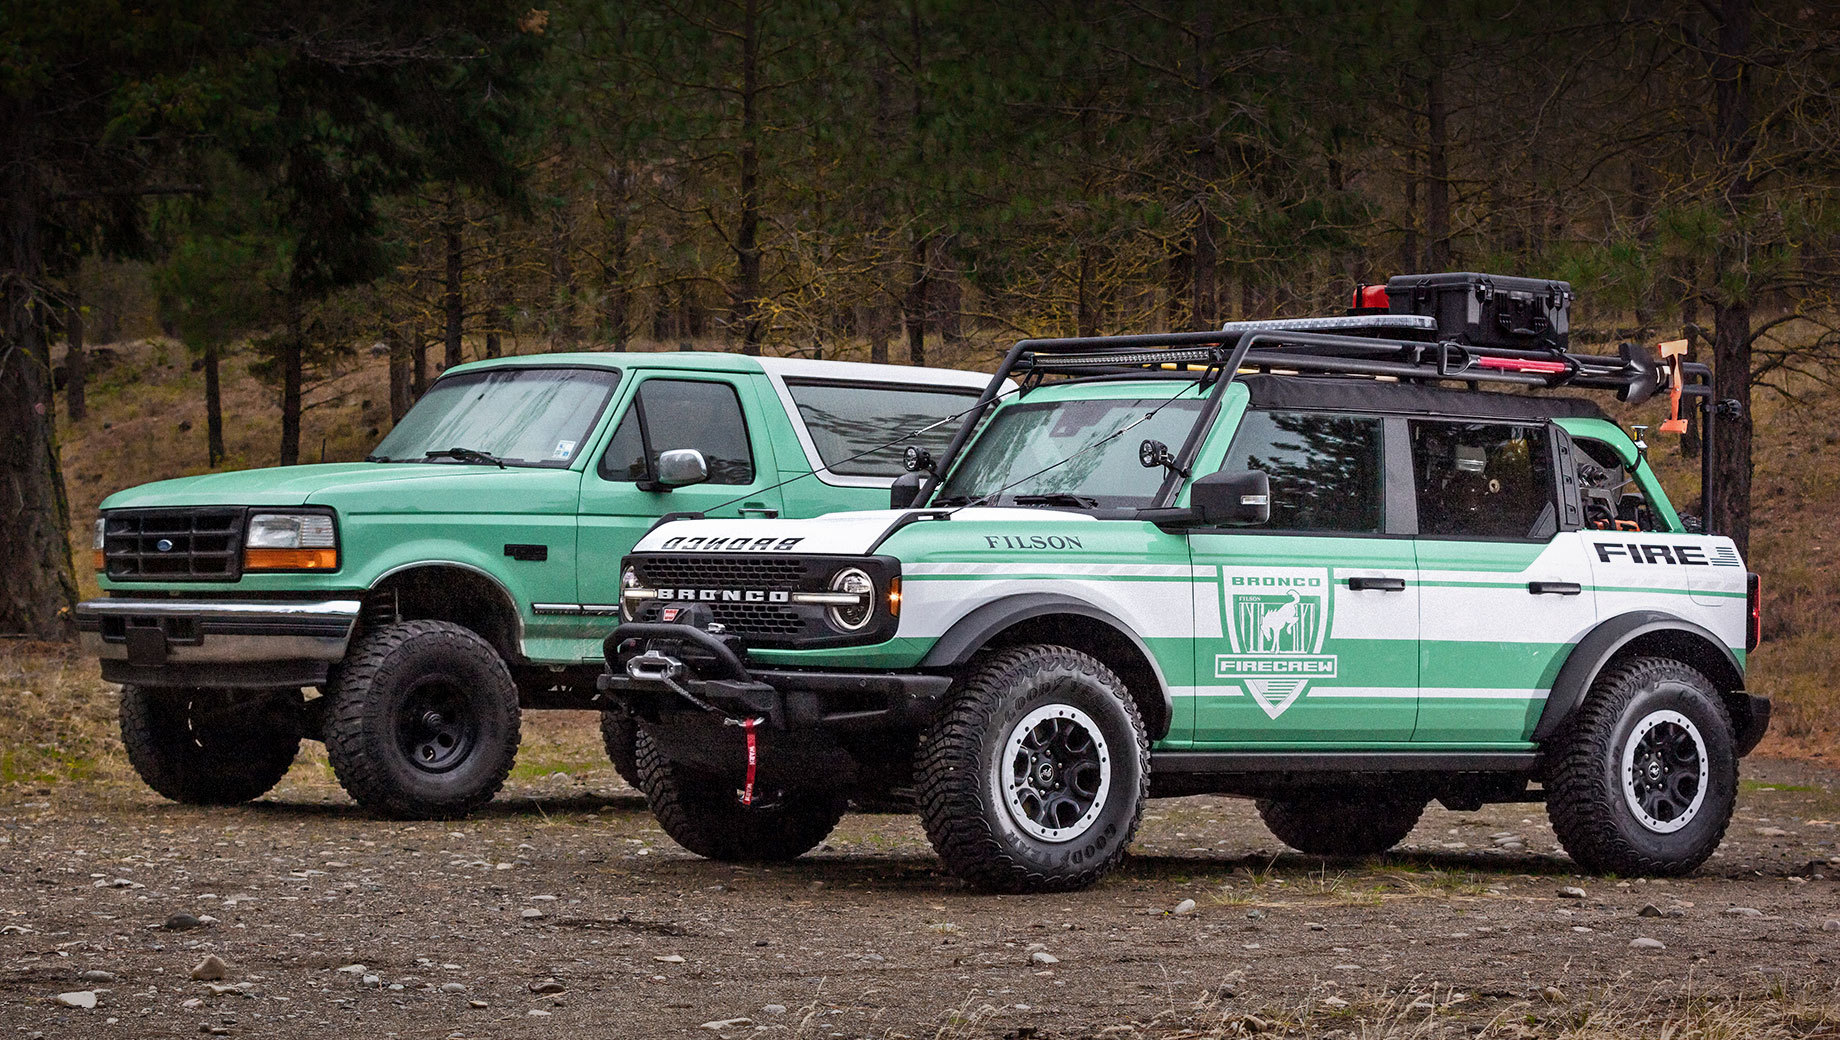 Когда-то прежний Ford Bronco в окраске Forest Service Green помогал бороться с лесными пожарами, а теперь на службу отправится новое поколение. Bronco Filson Wildland Fire Rig создан при участии производителя одежды Filson, чьи логотипы и материалы использованы в отделке.